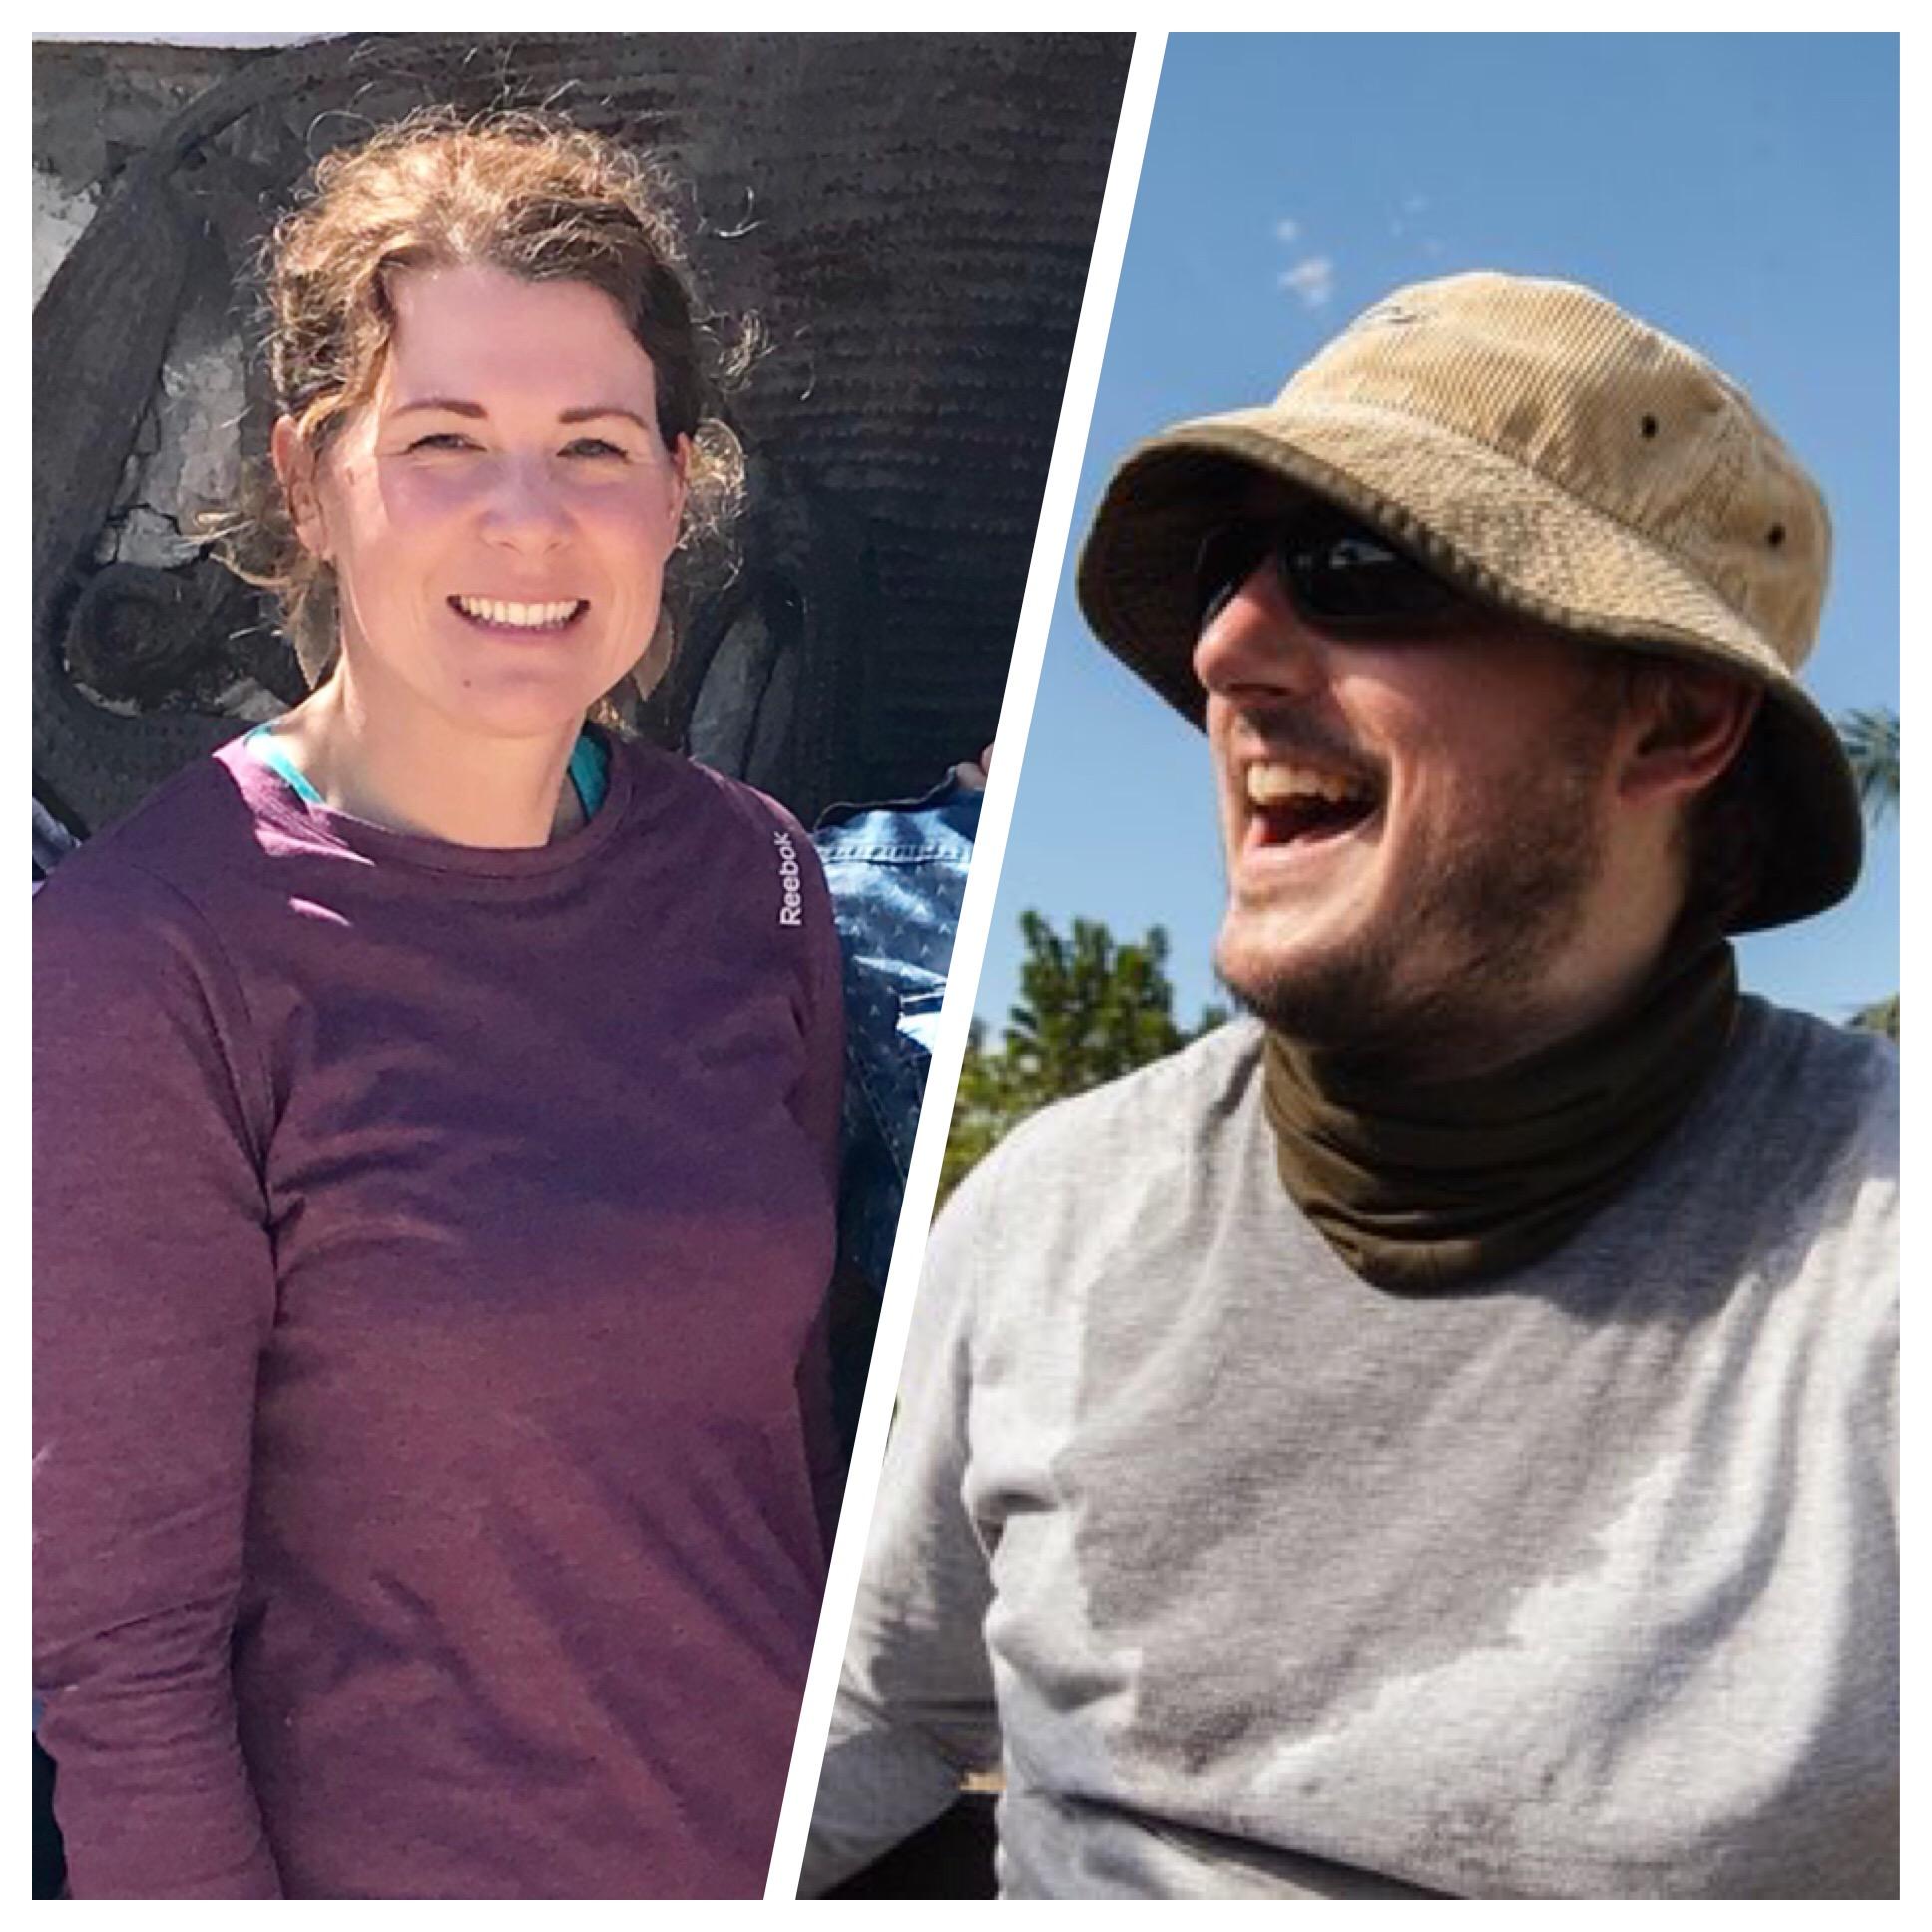 Meet Pete & Jill... - Peter & Jill Farrell said 'YES